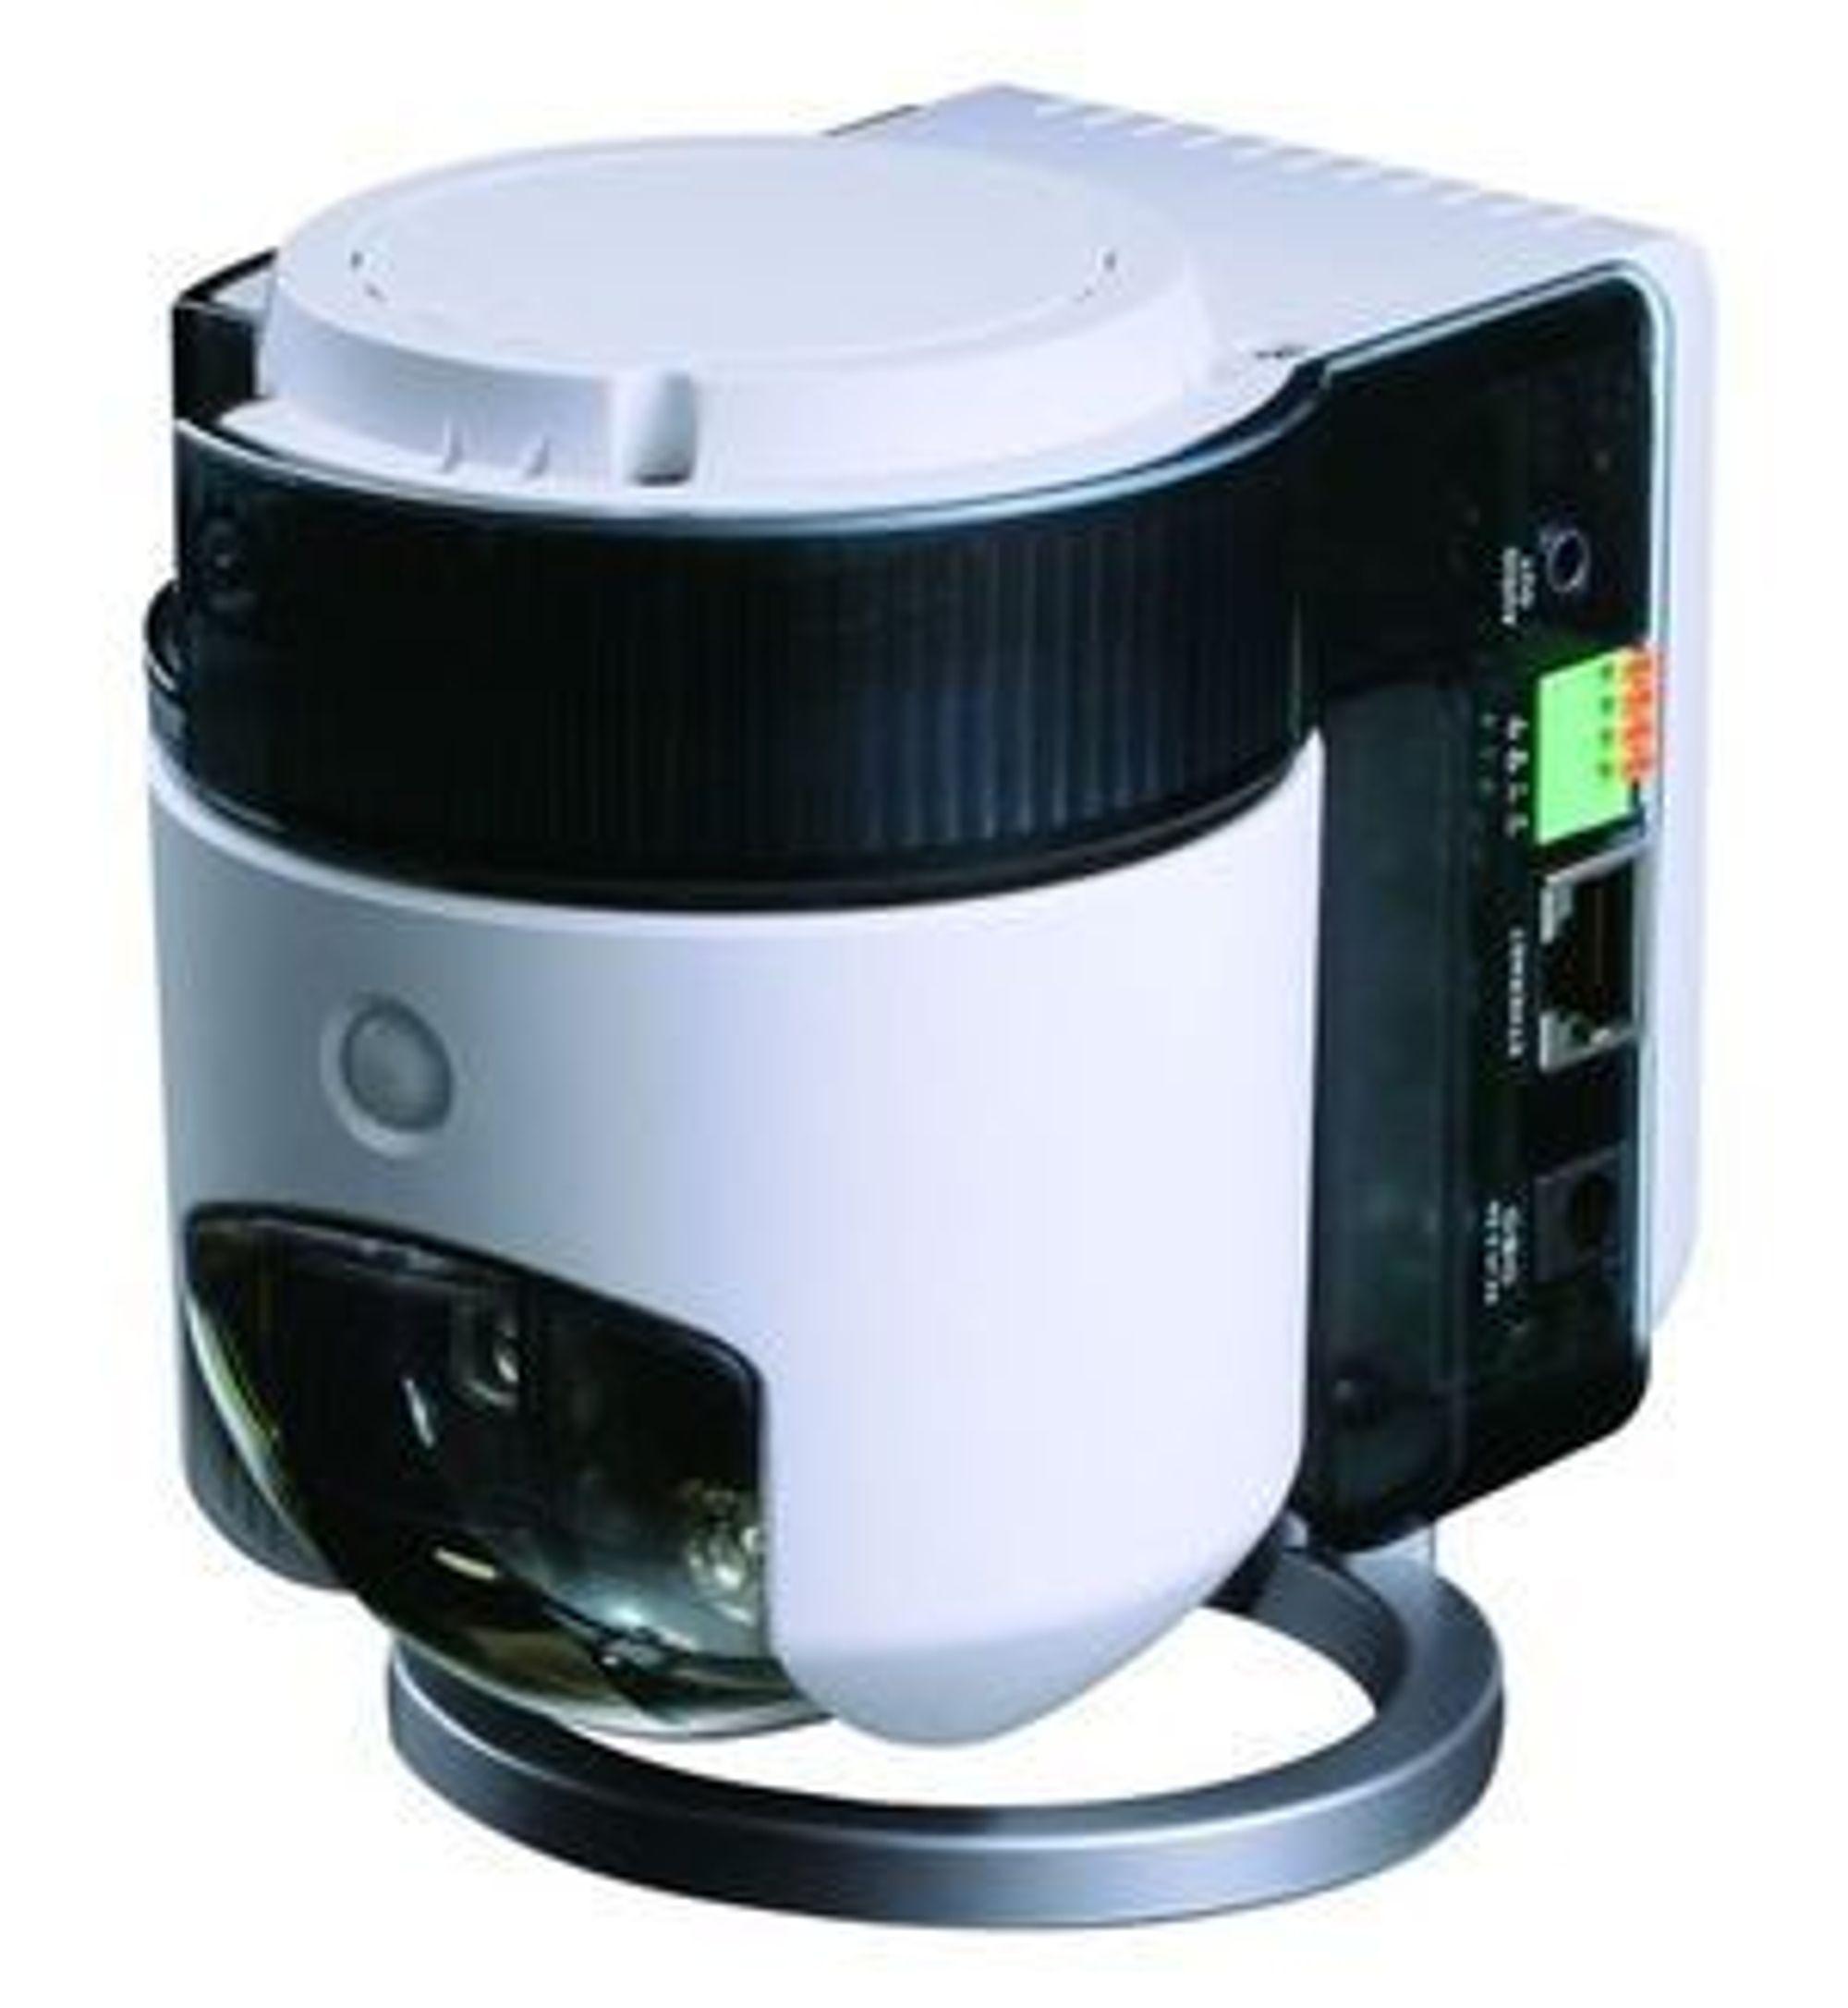 D-Links overvåkingskamera DCS-5230 har panorering, tilt og zoom, som alle styres gjennom en nettleser.